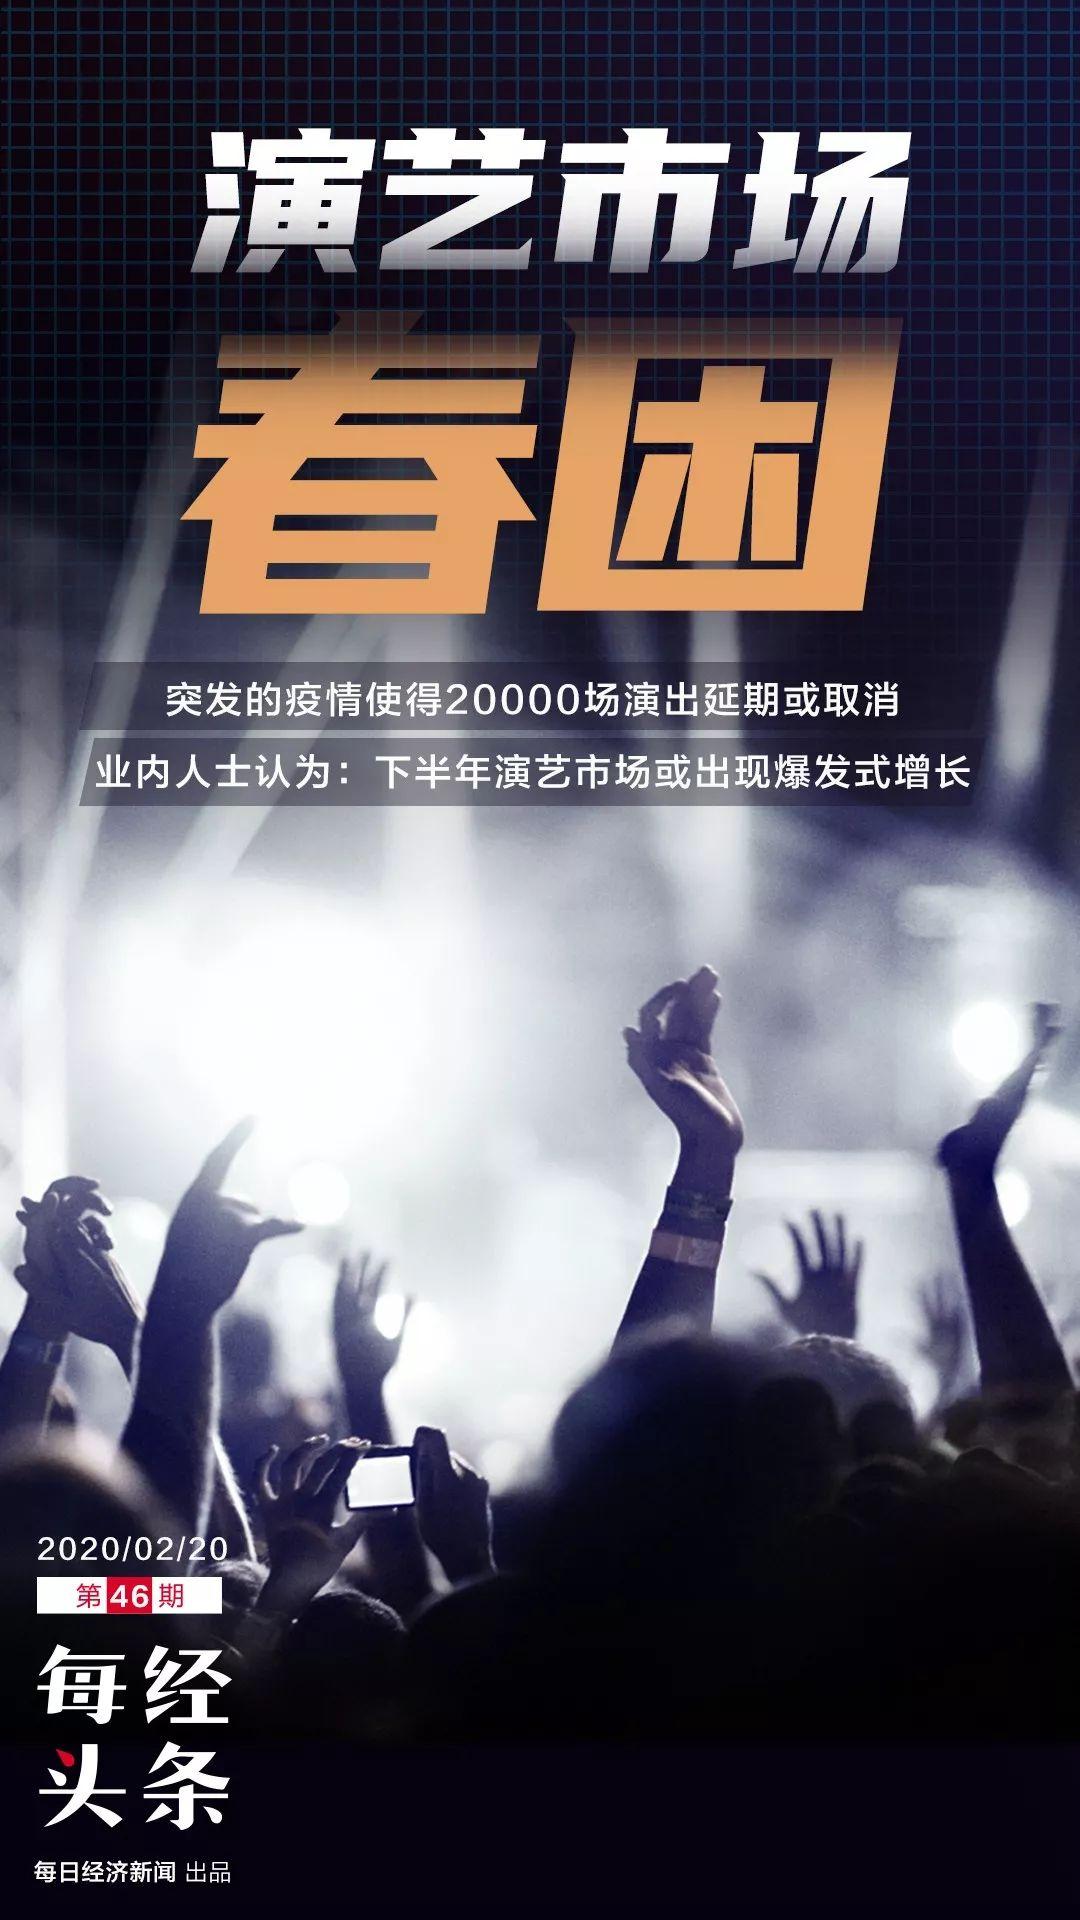 """演艺市场春季档""""没戏"""":20000场演出取消或延期"""